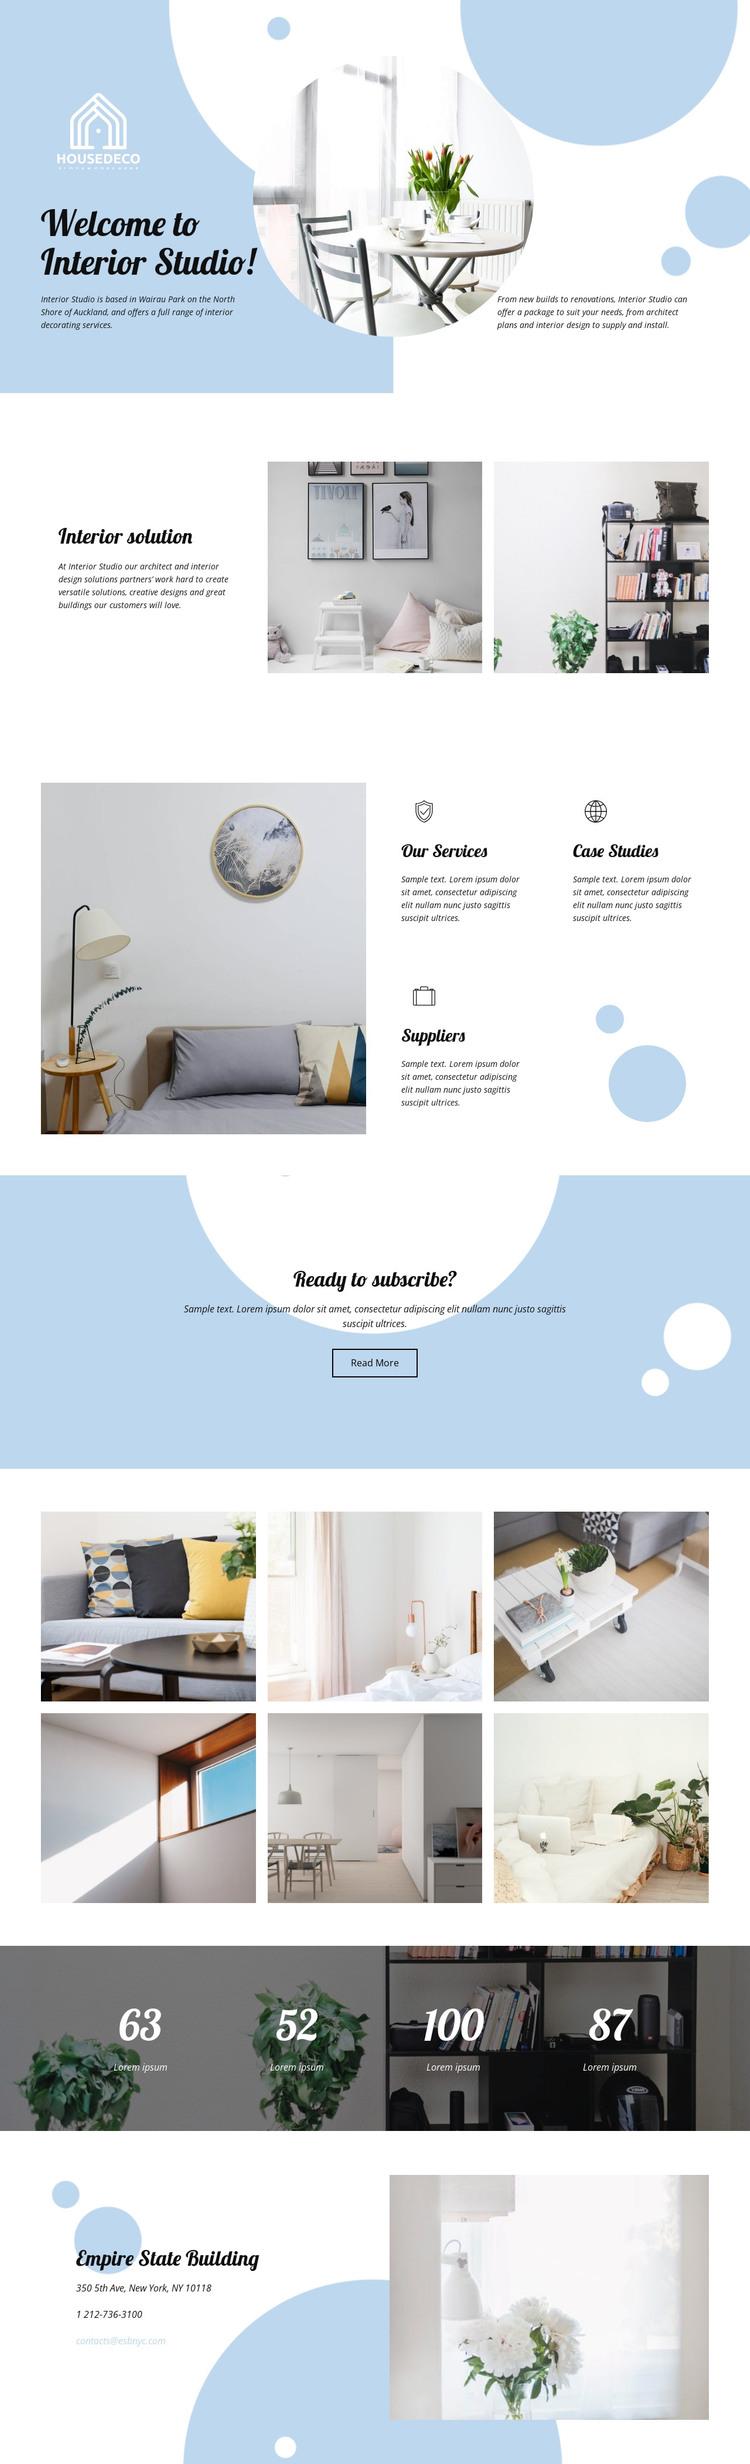 Interior Studio Web Design